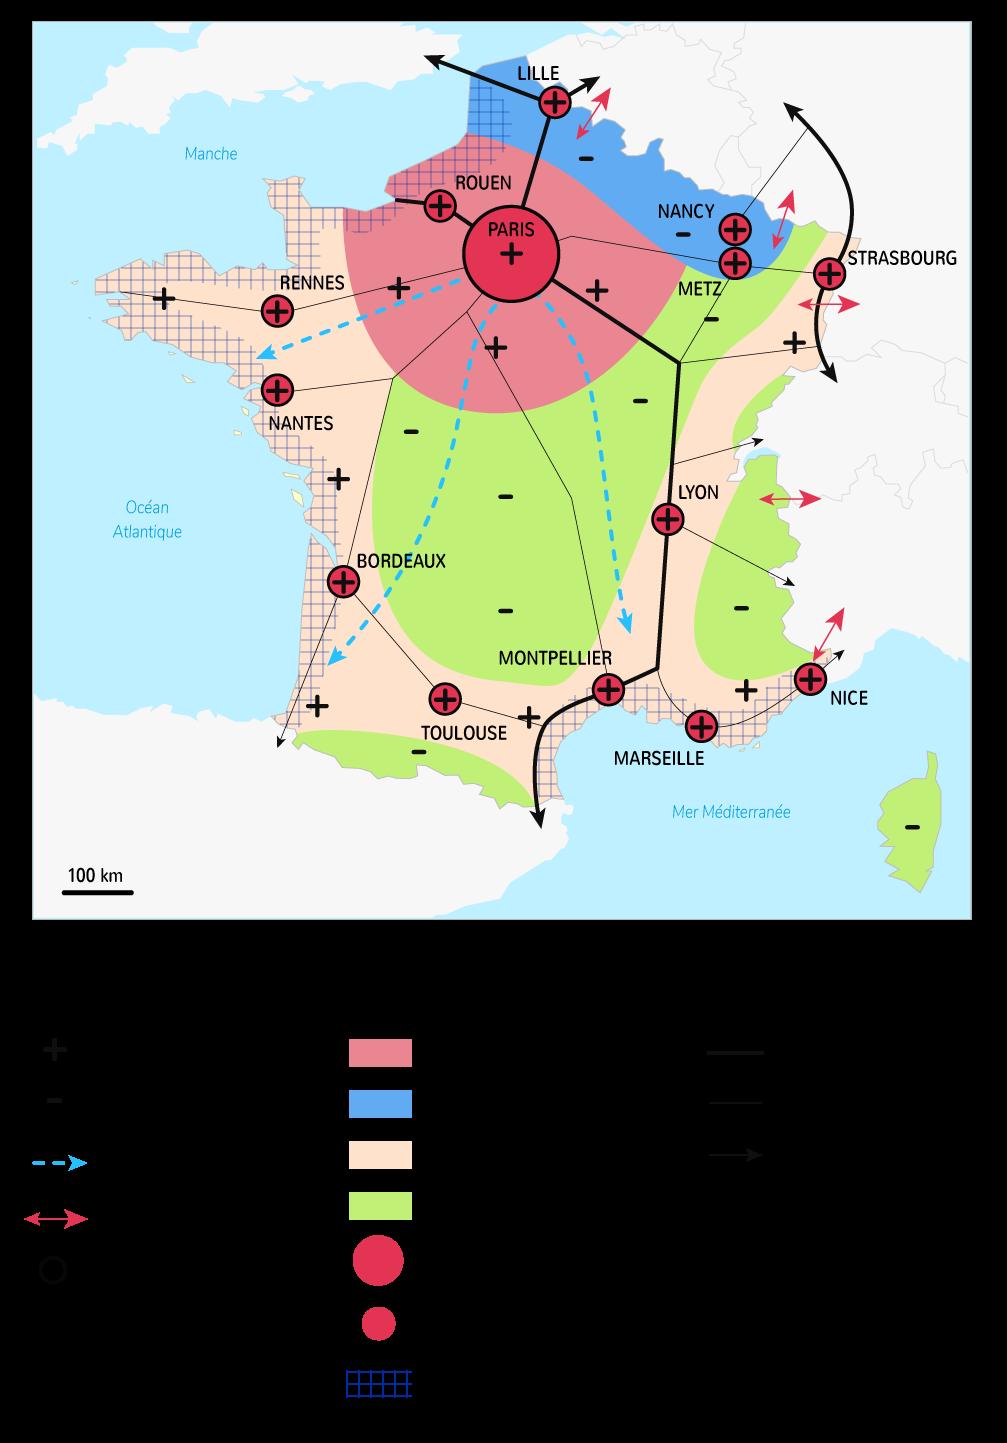 Mobilités et espaces productifs sur le territoire métropolitain